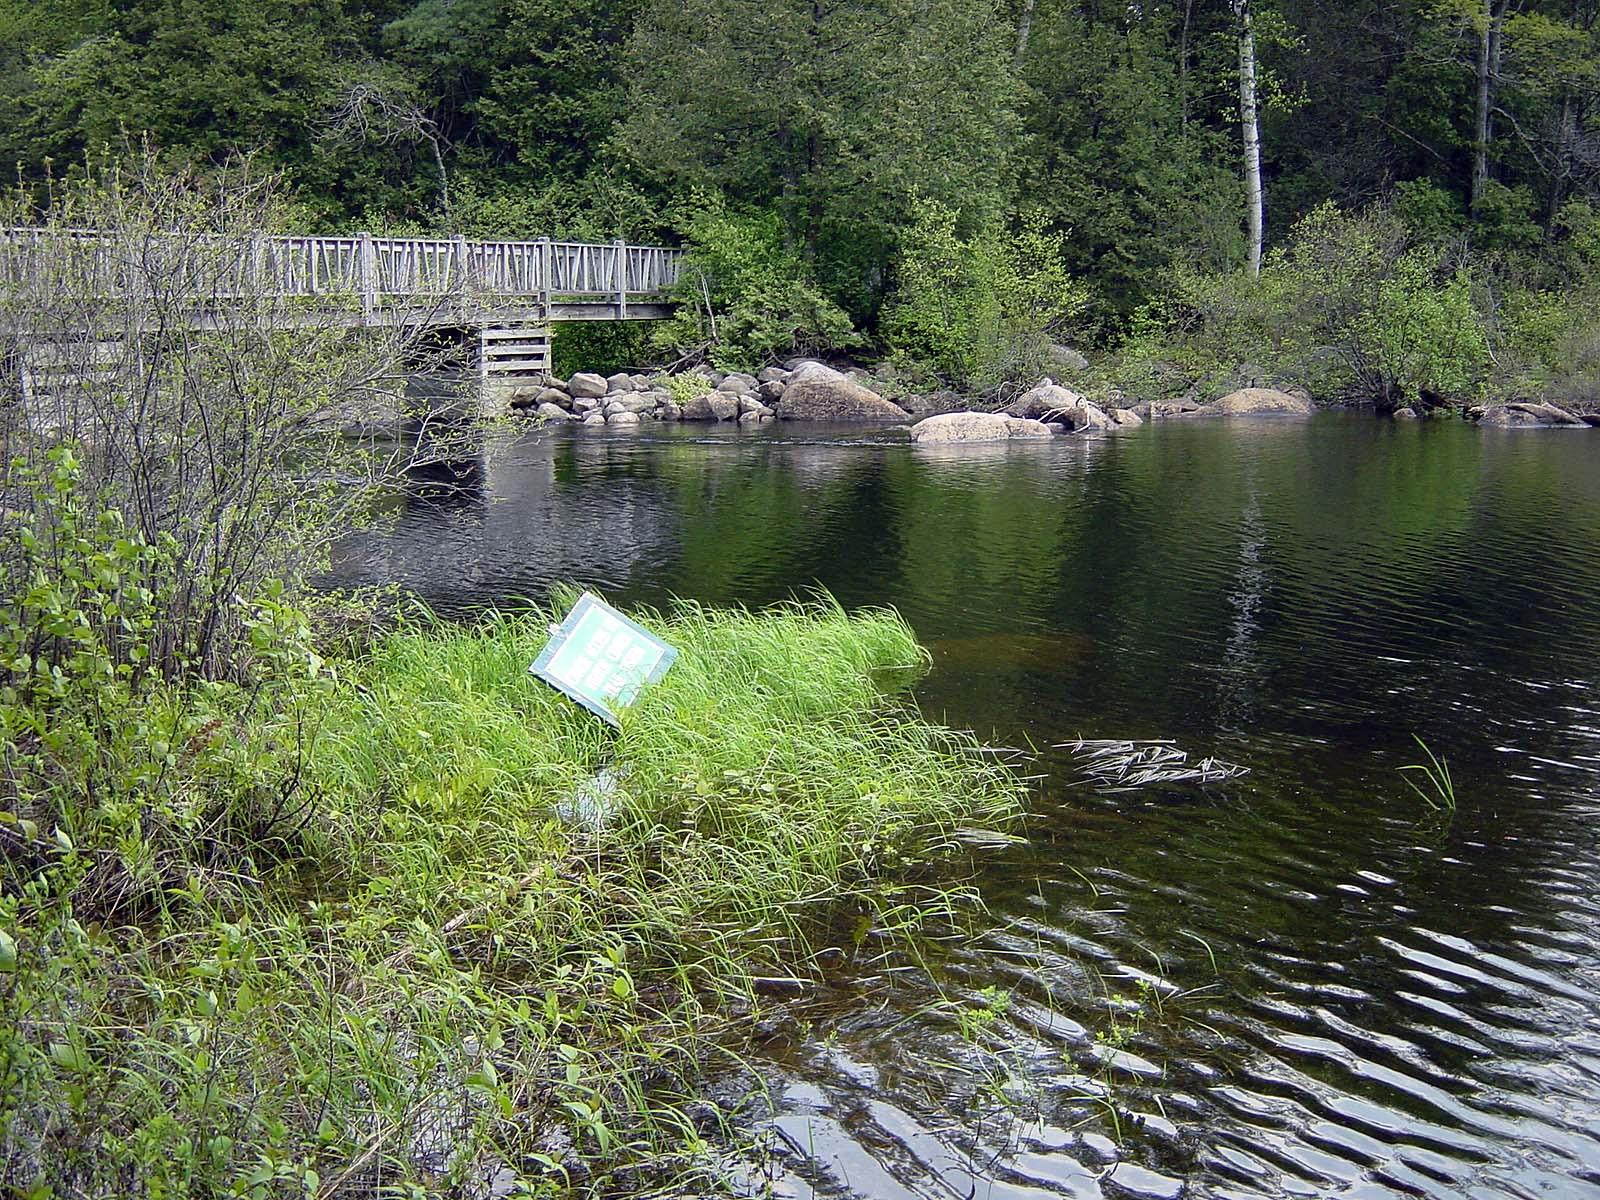 Wanderung auf dem Sucker Brook Trail